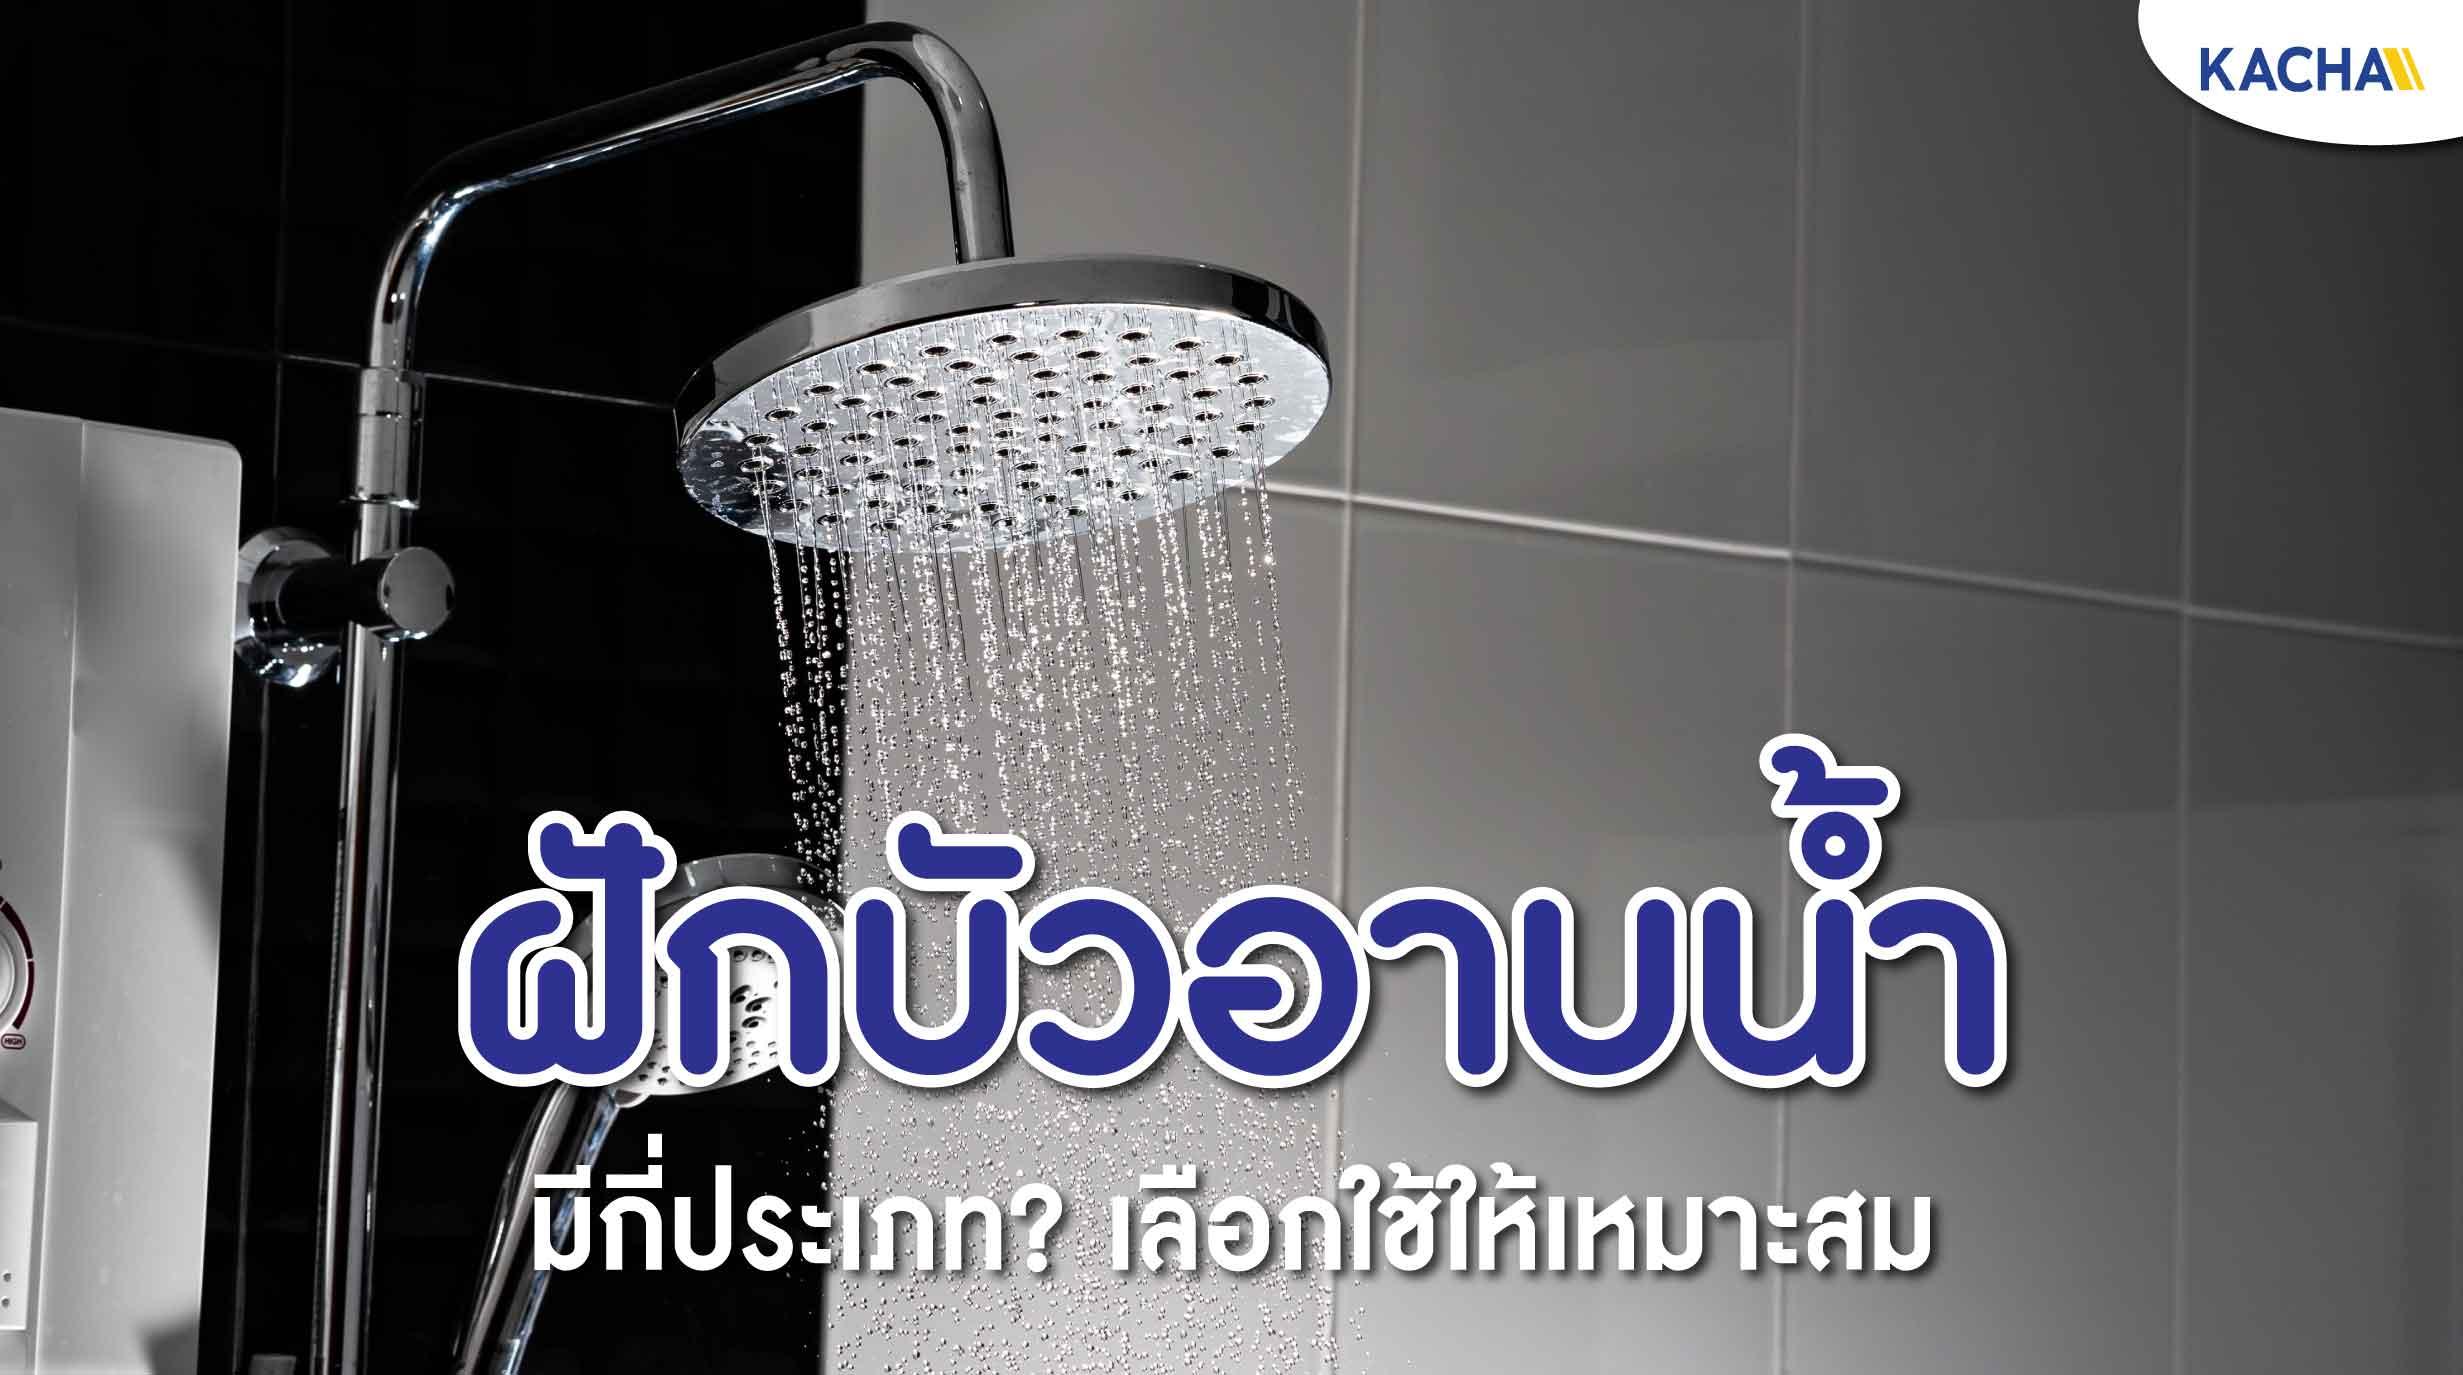 211007-Content-ฝักบัวอาบน้ำ-มีกี่แบบ--เลือกใช้แบบไหนดี-01